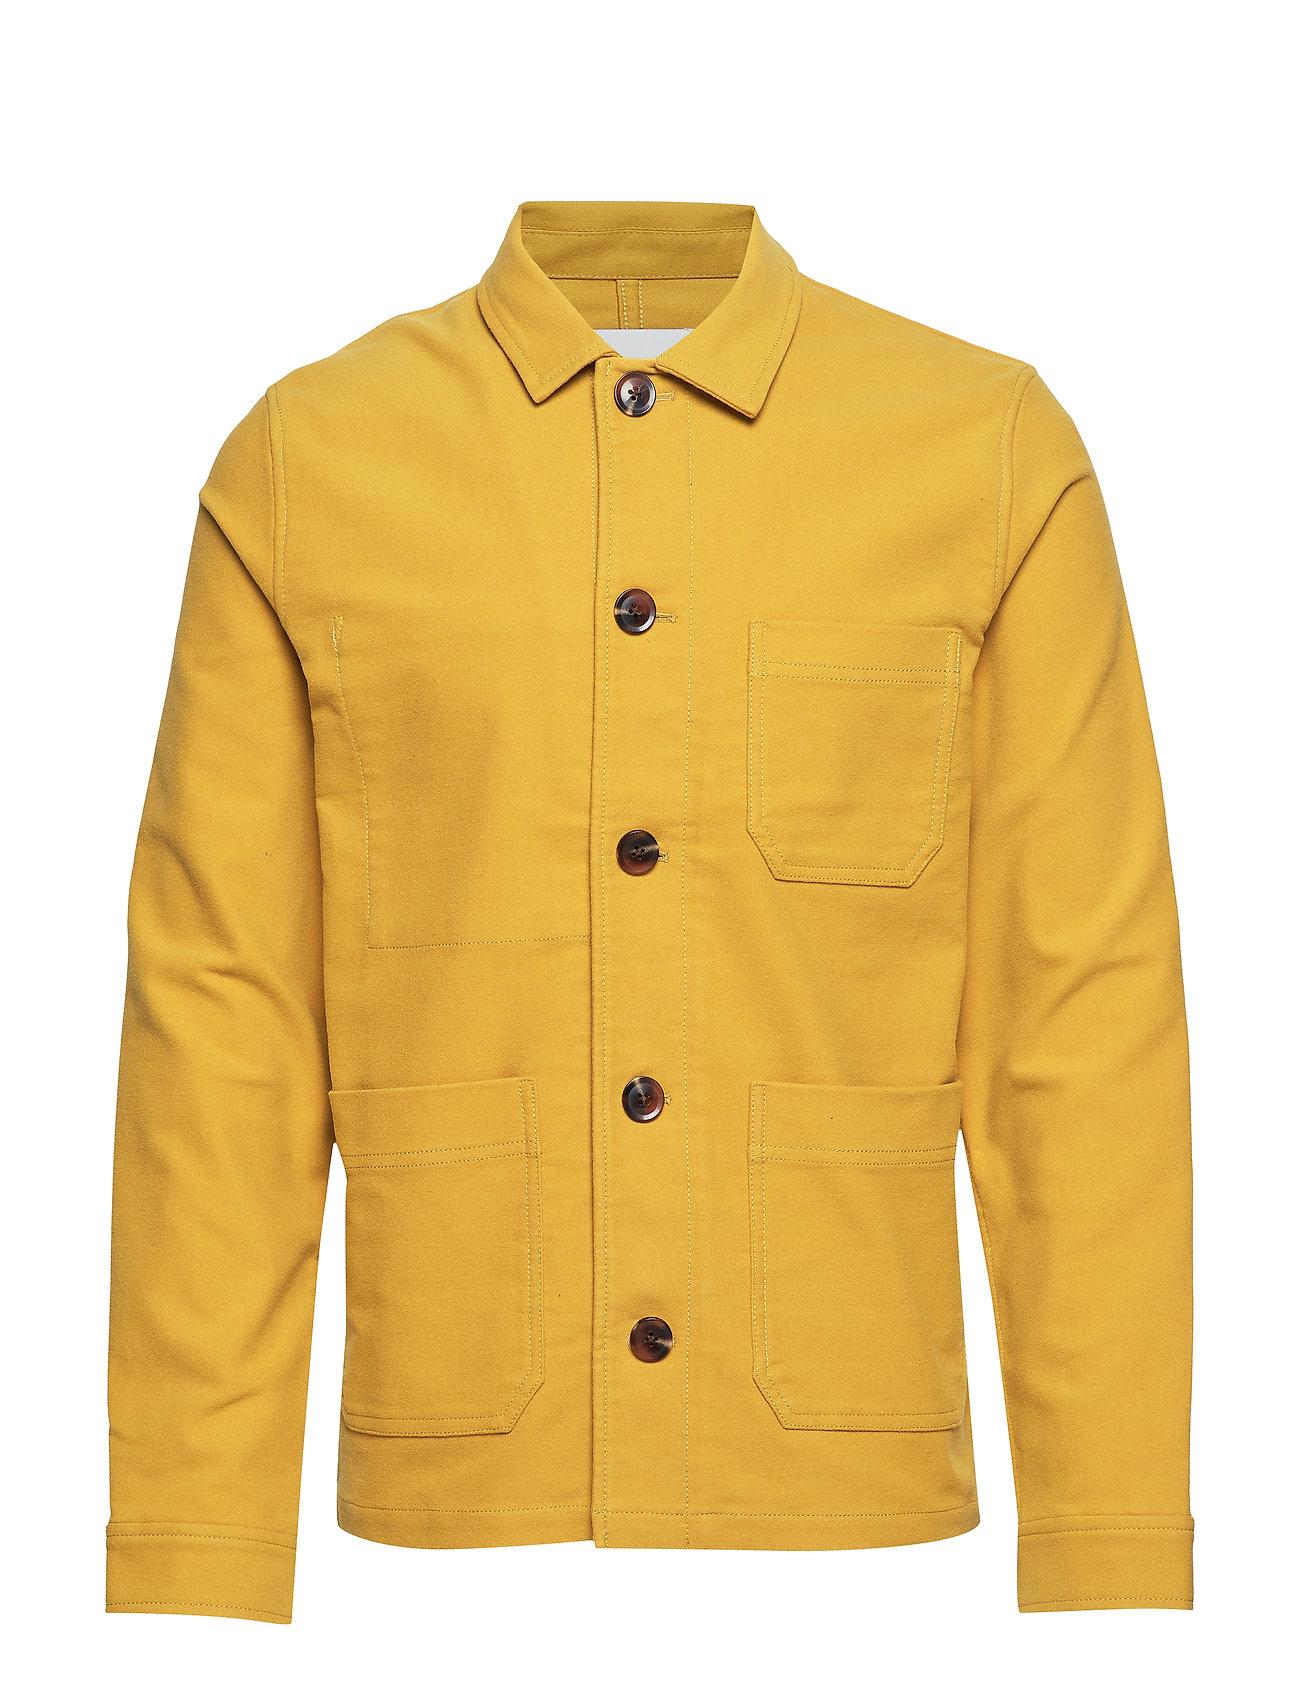 Samsøe & Samsøe Worker jacket 10816 - OLIVE OIL